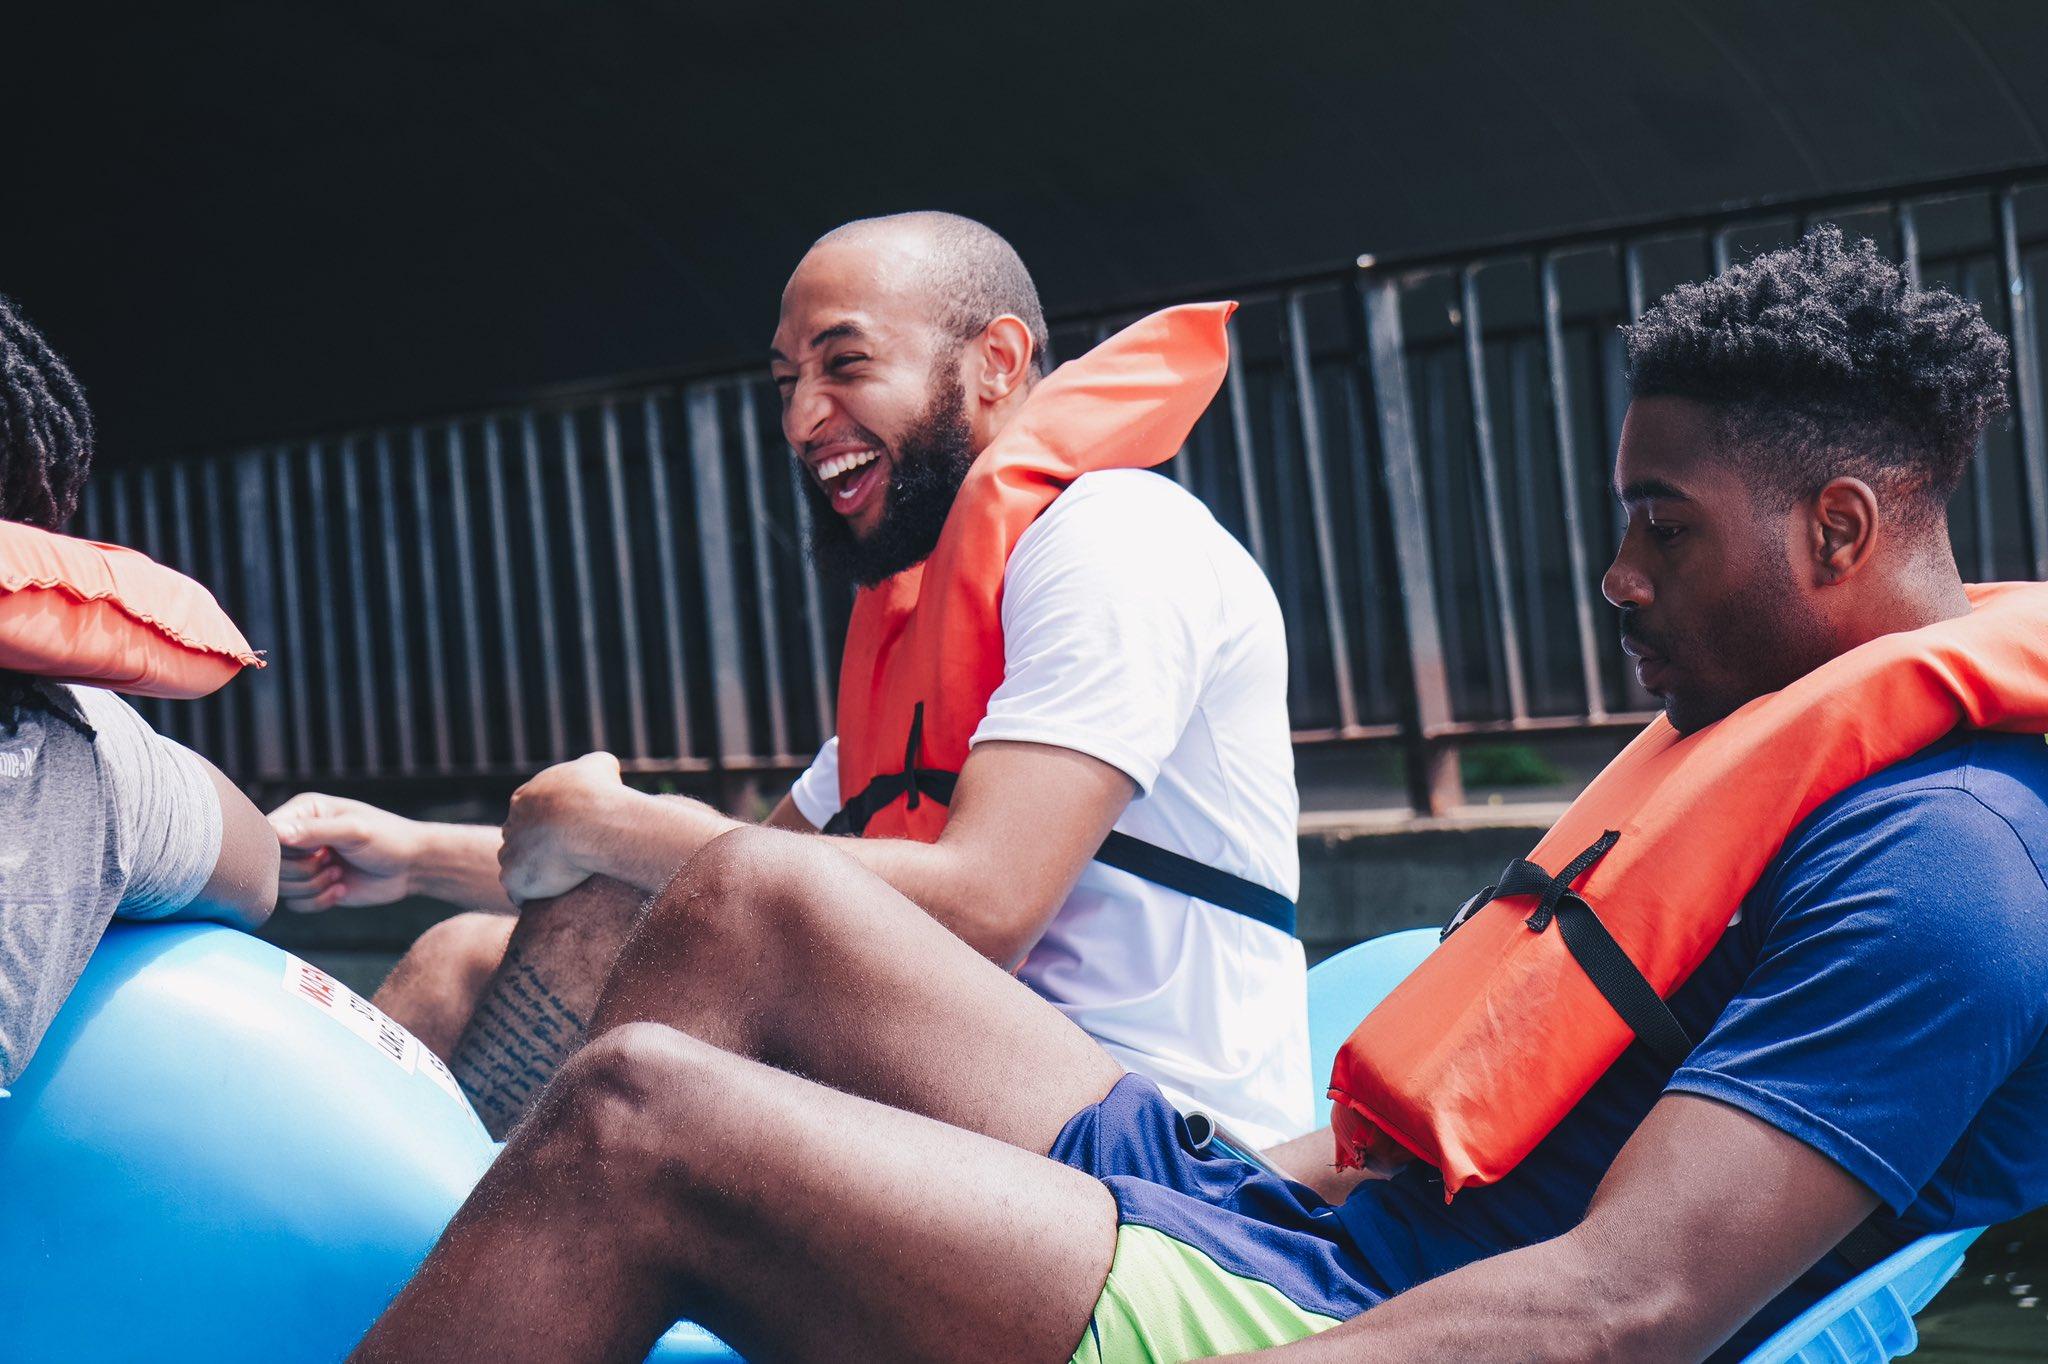 森林狼官推晒出众球员水中游玩照片:湖泊之城